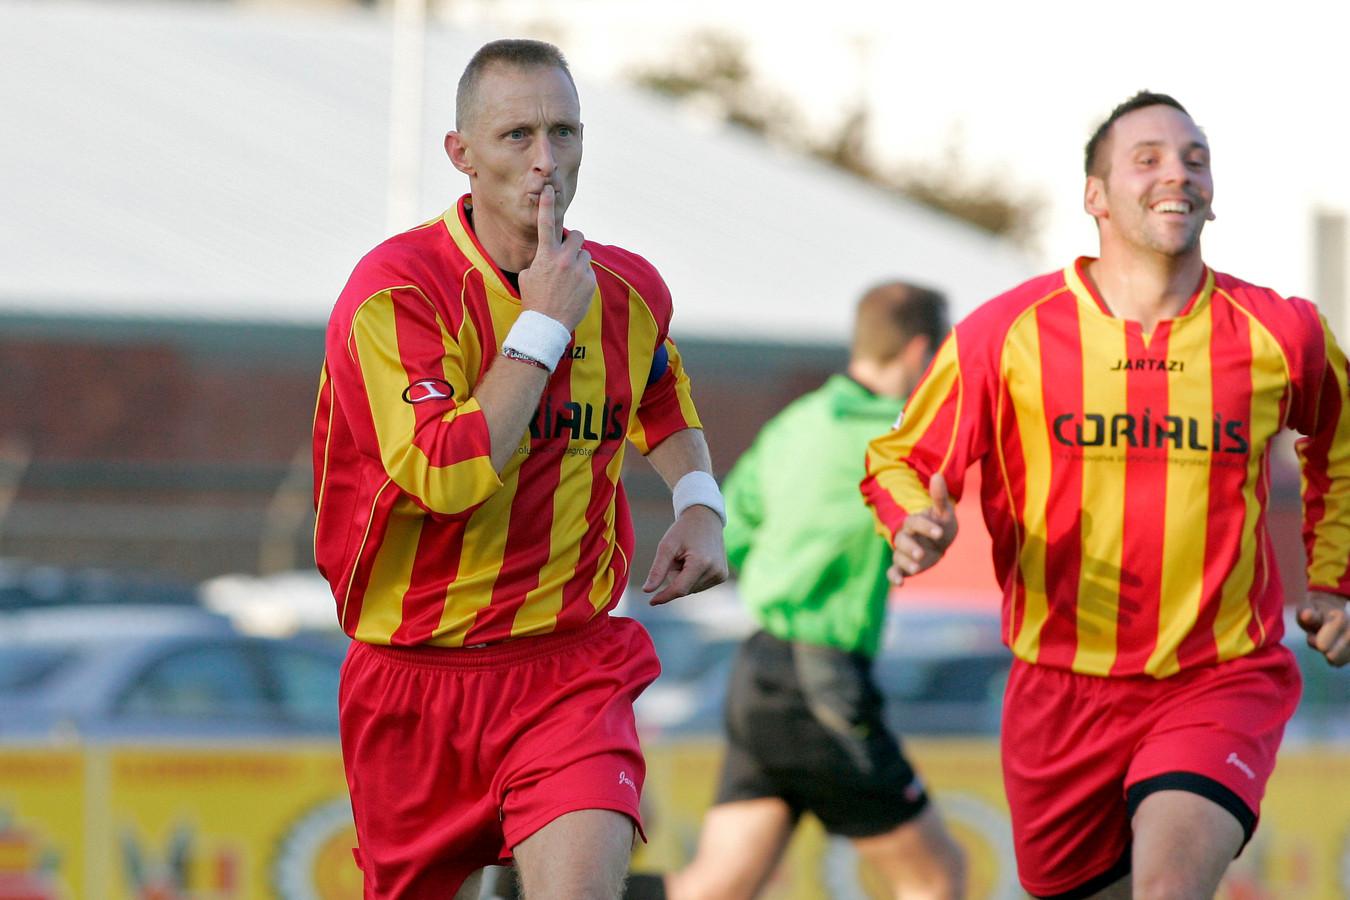 Een beeld dat menig tegenstander jarenlang te zien kreeg. Rieno Van Oost heeft net gescoord voor Maldegem. Hij zou er 182 netten voor geel-rood.